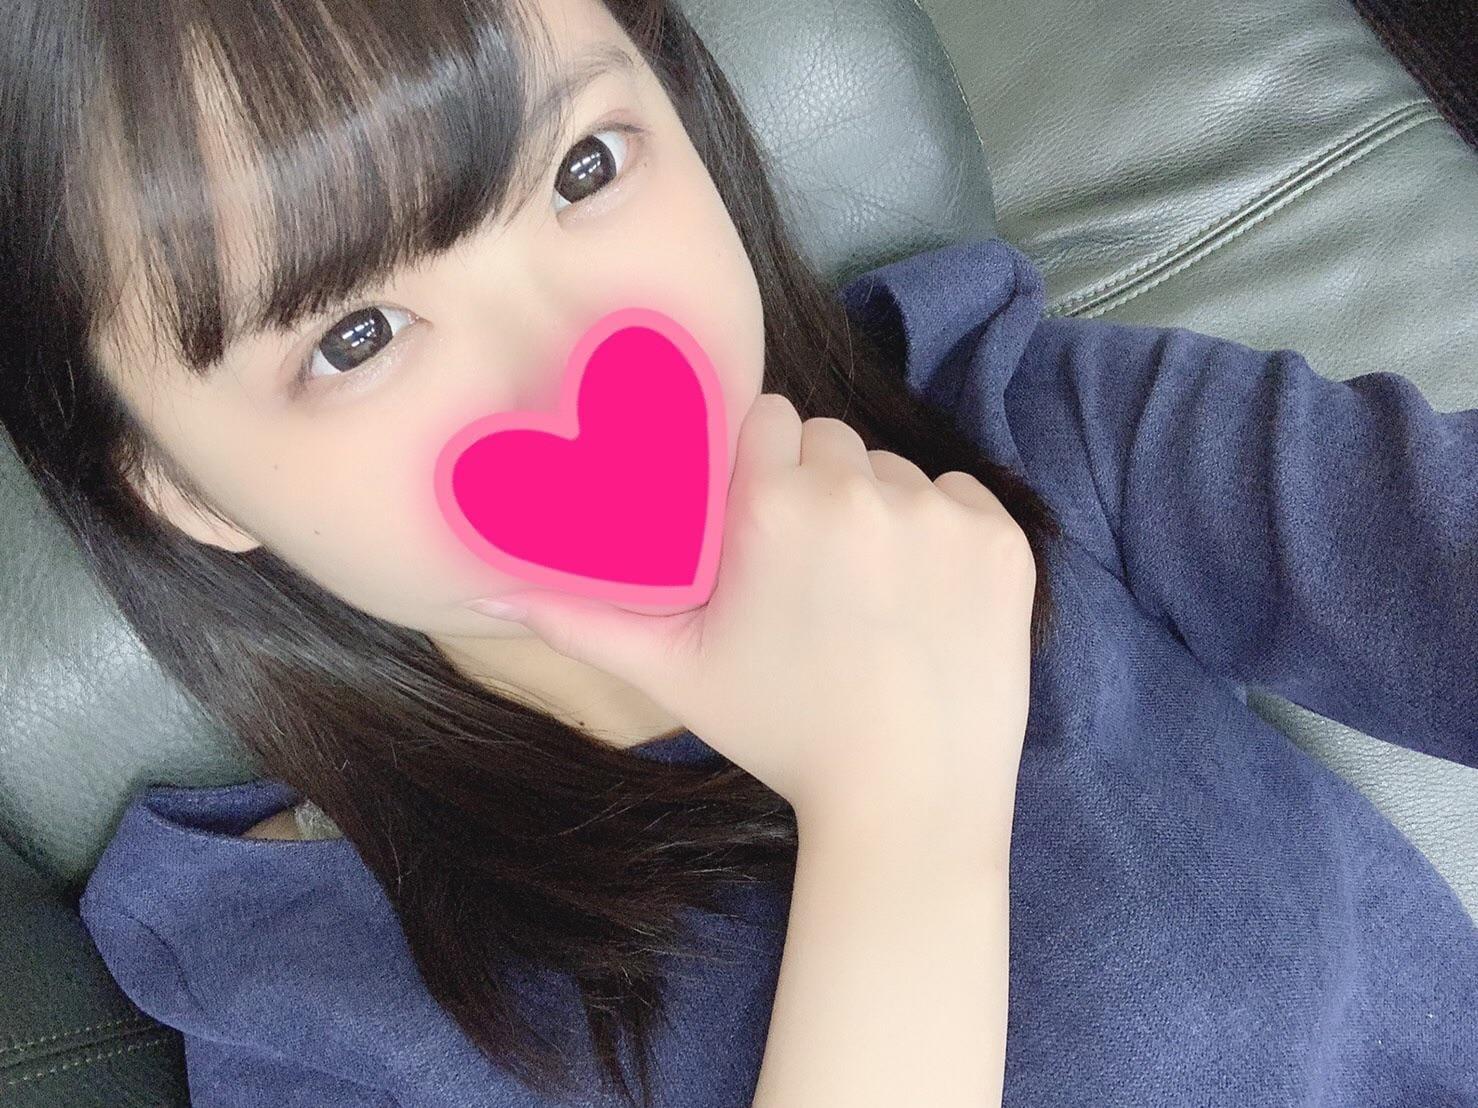 「お礼?」03/23(03/23) 16:28 | 香坂 みおりの写メ・風俗動画